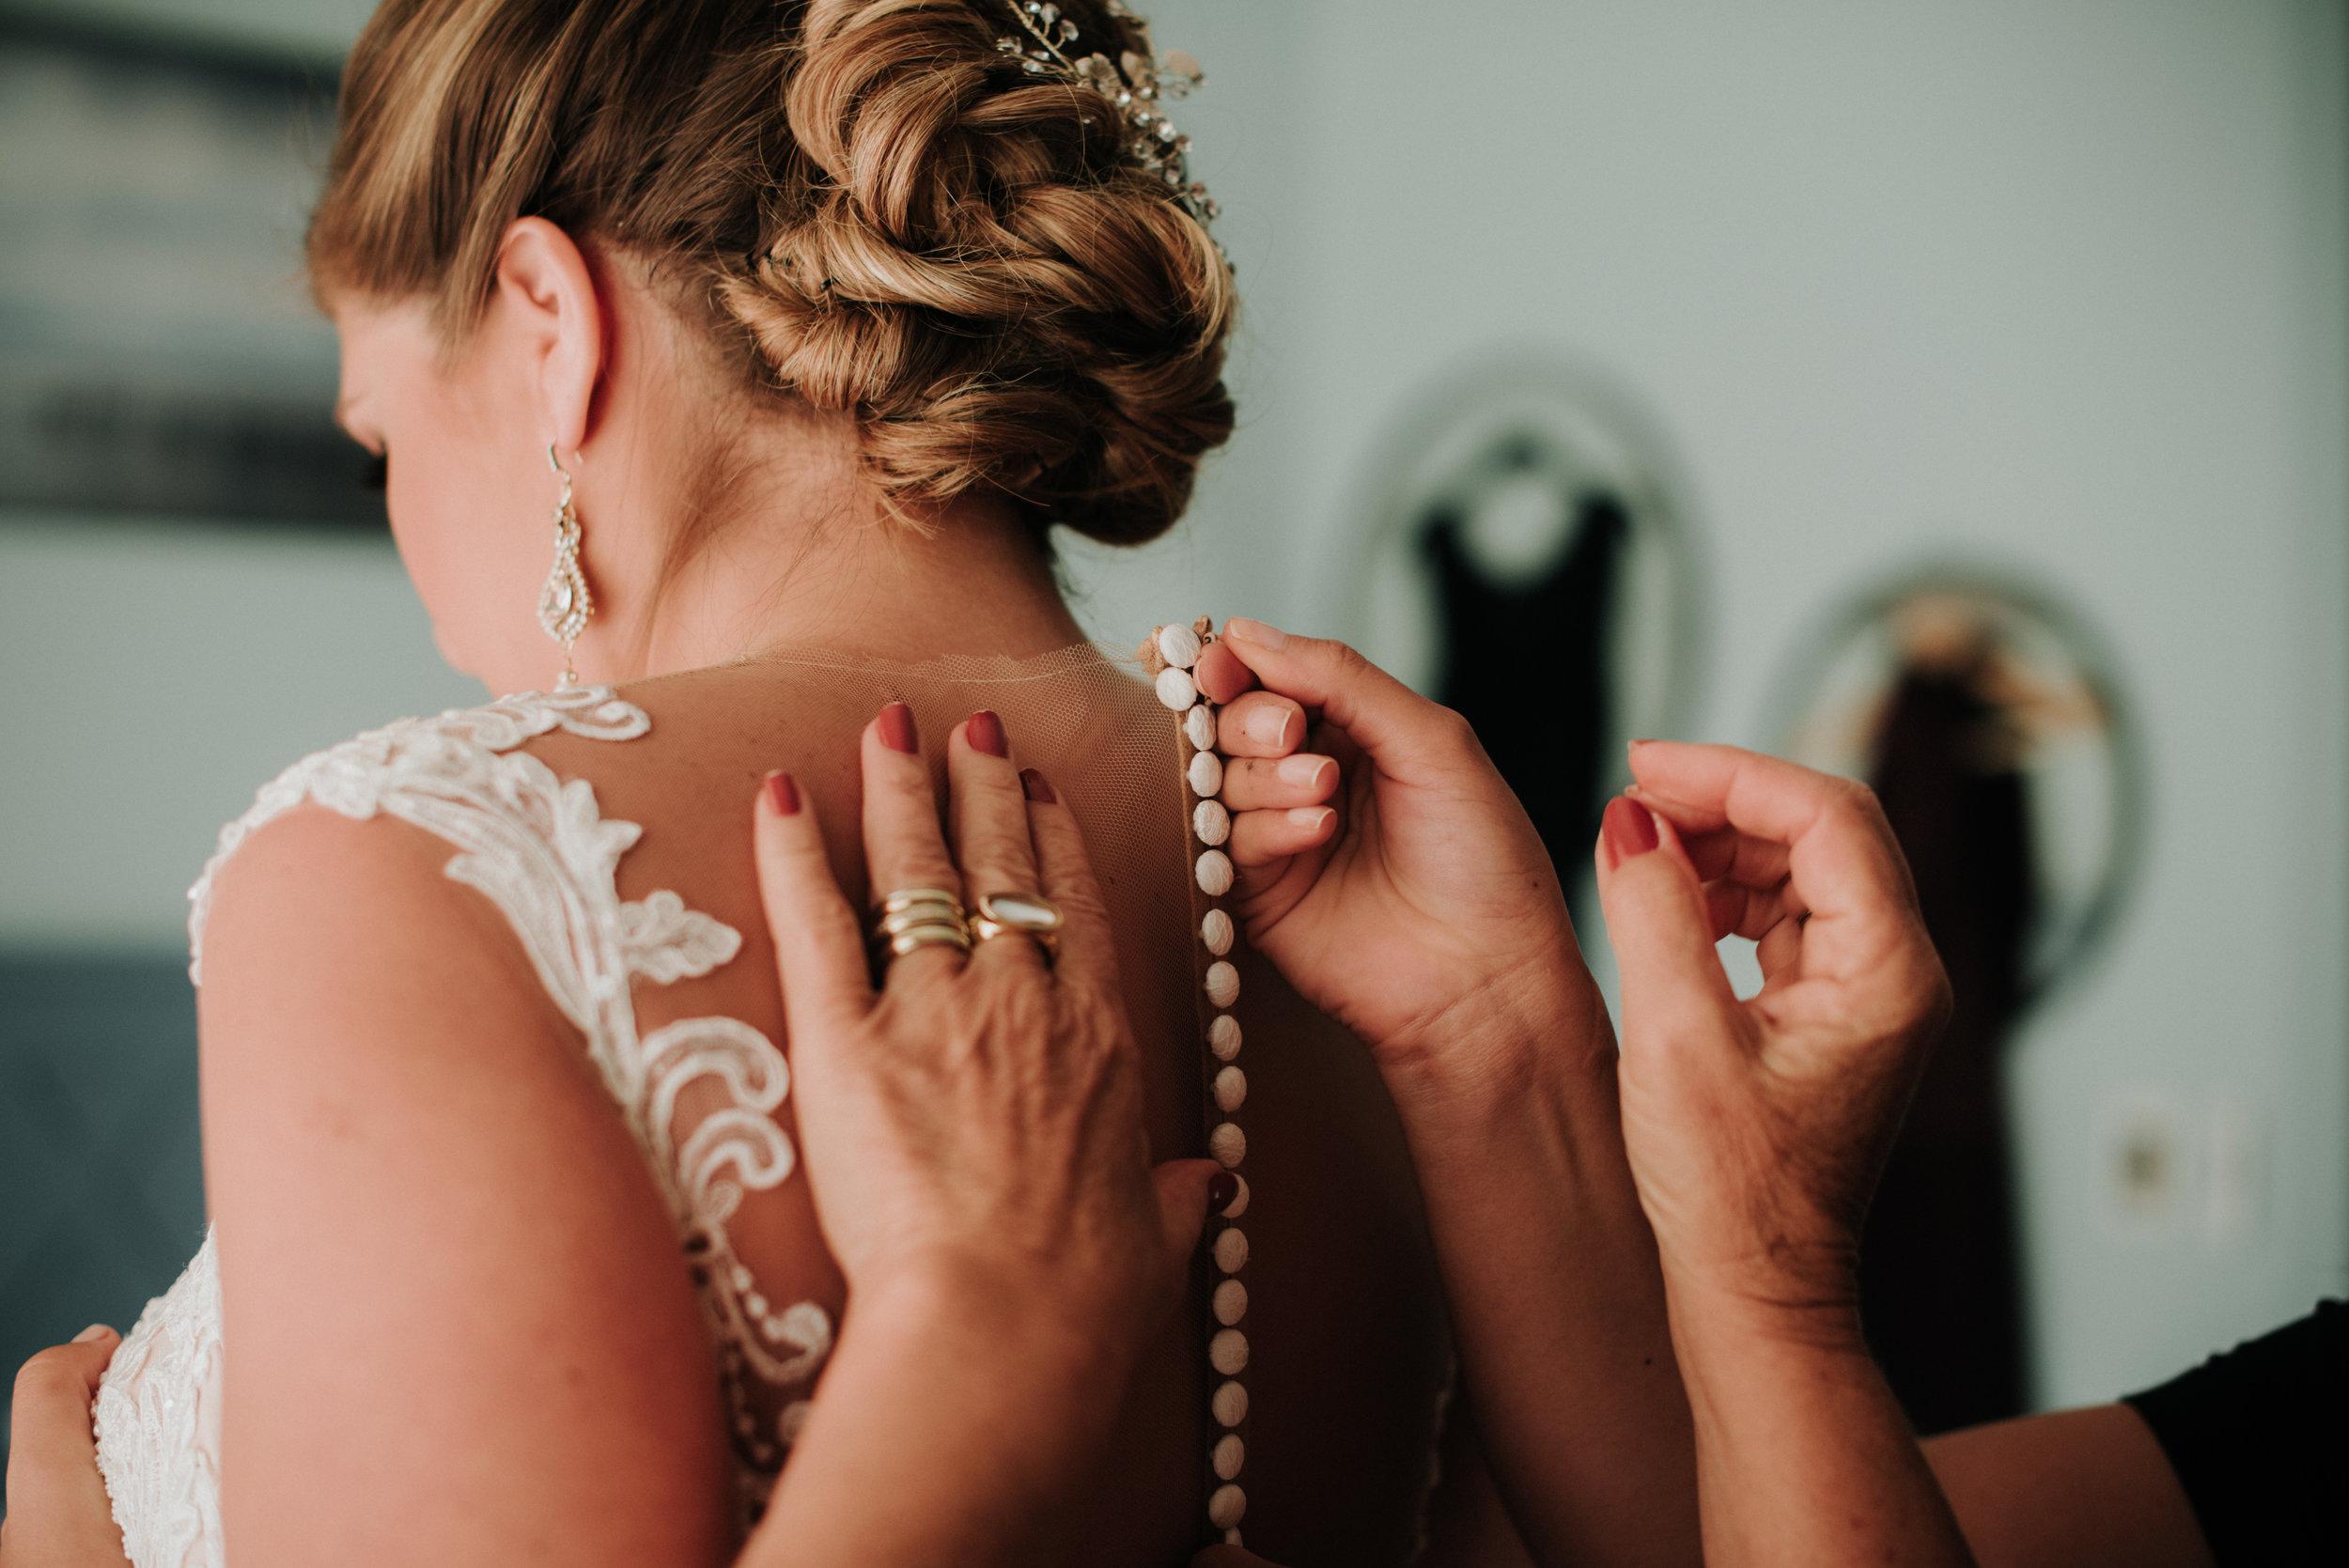 Léa-Fery-photographe-professionnel-lyon-rhone-alpes-portrait-creation-mariage-evenement-evenementiel-famille-0244.jpg